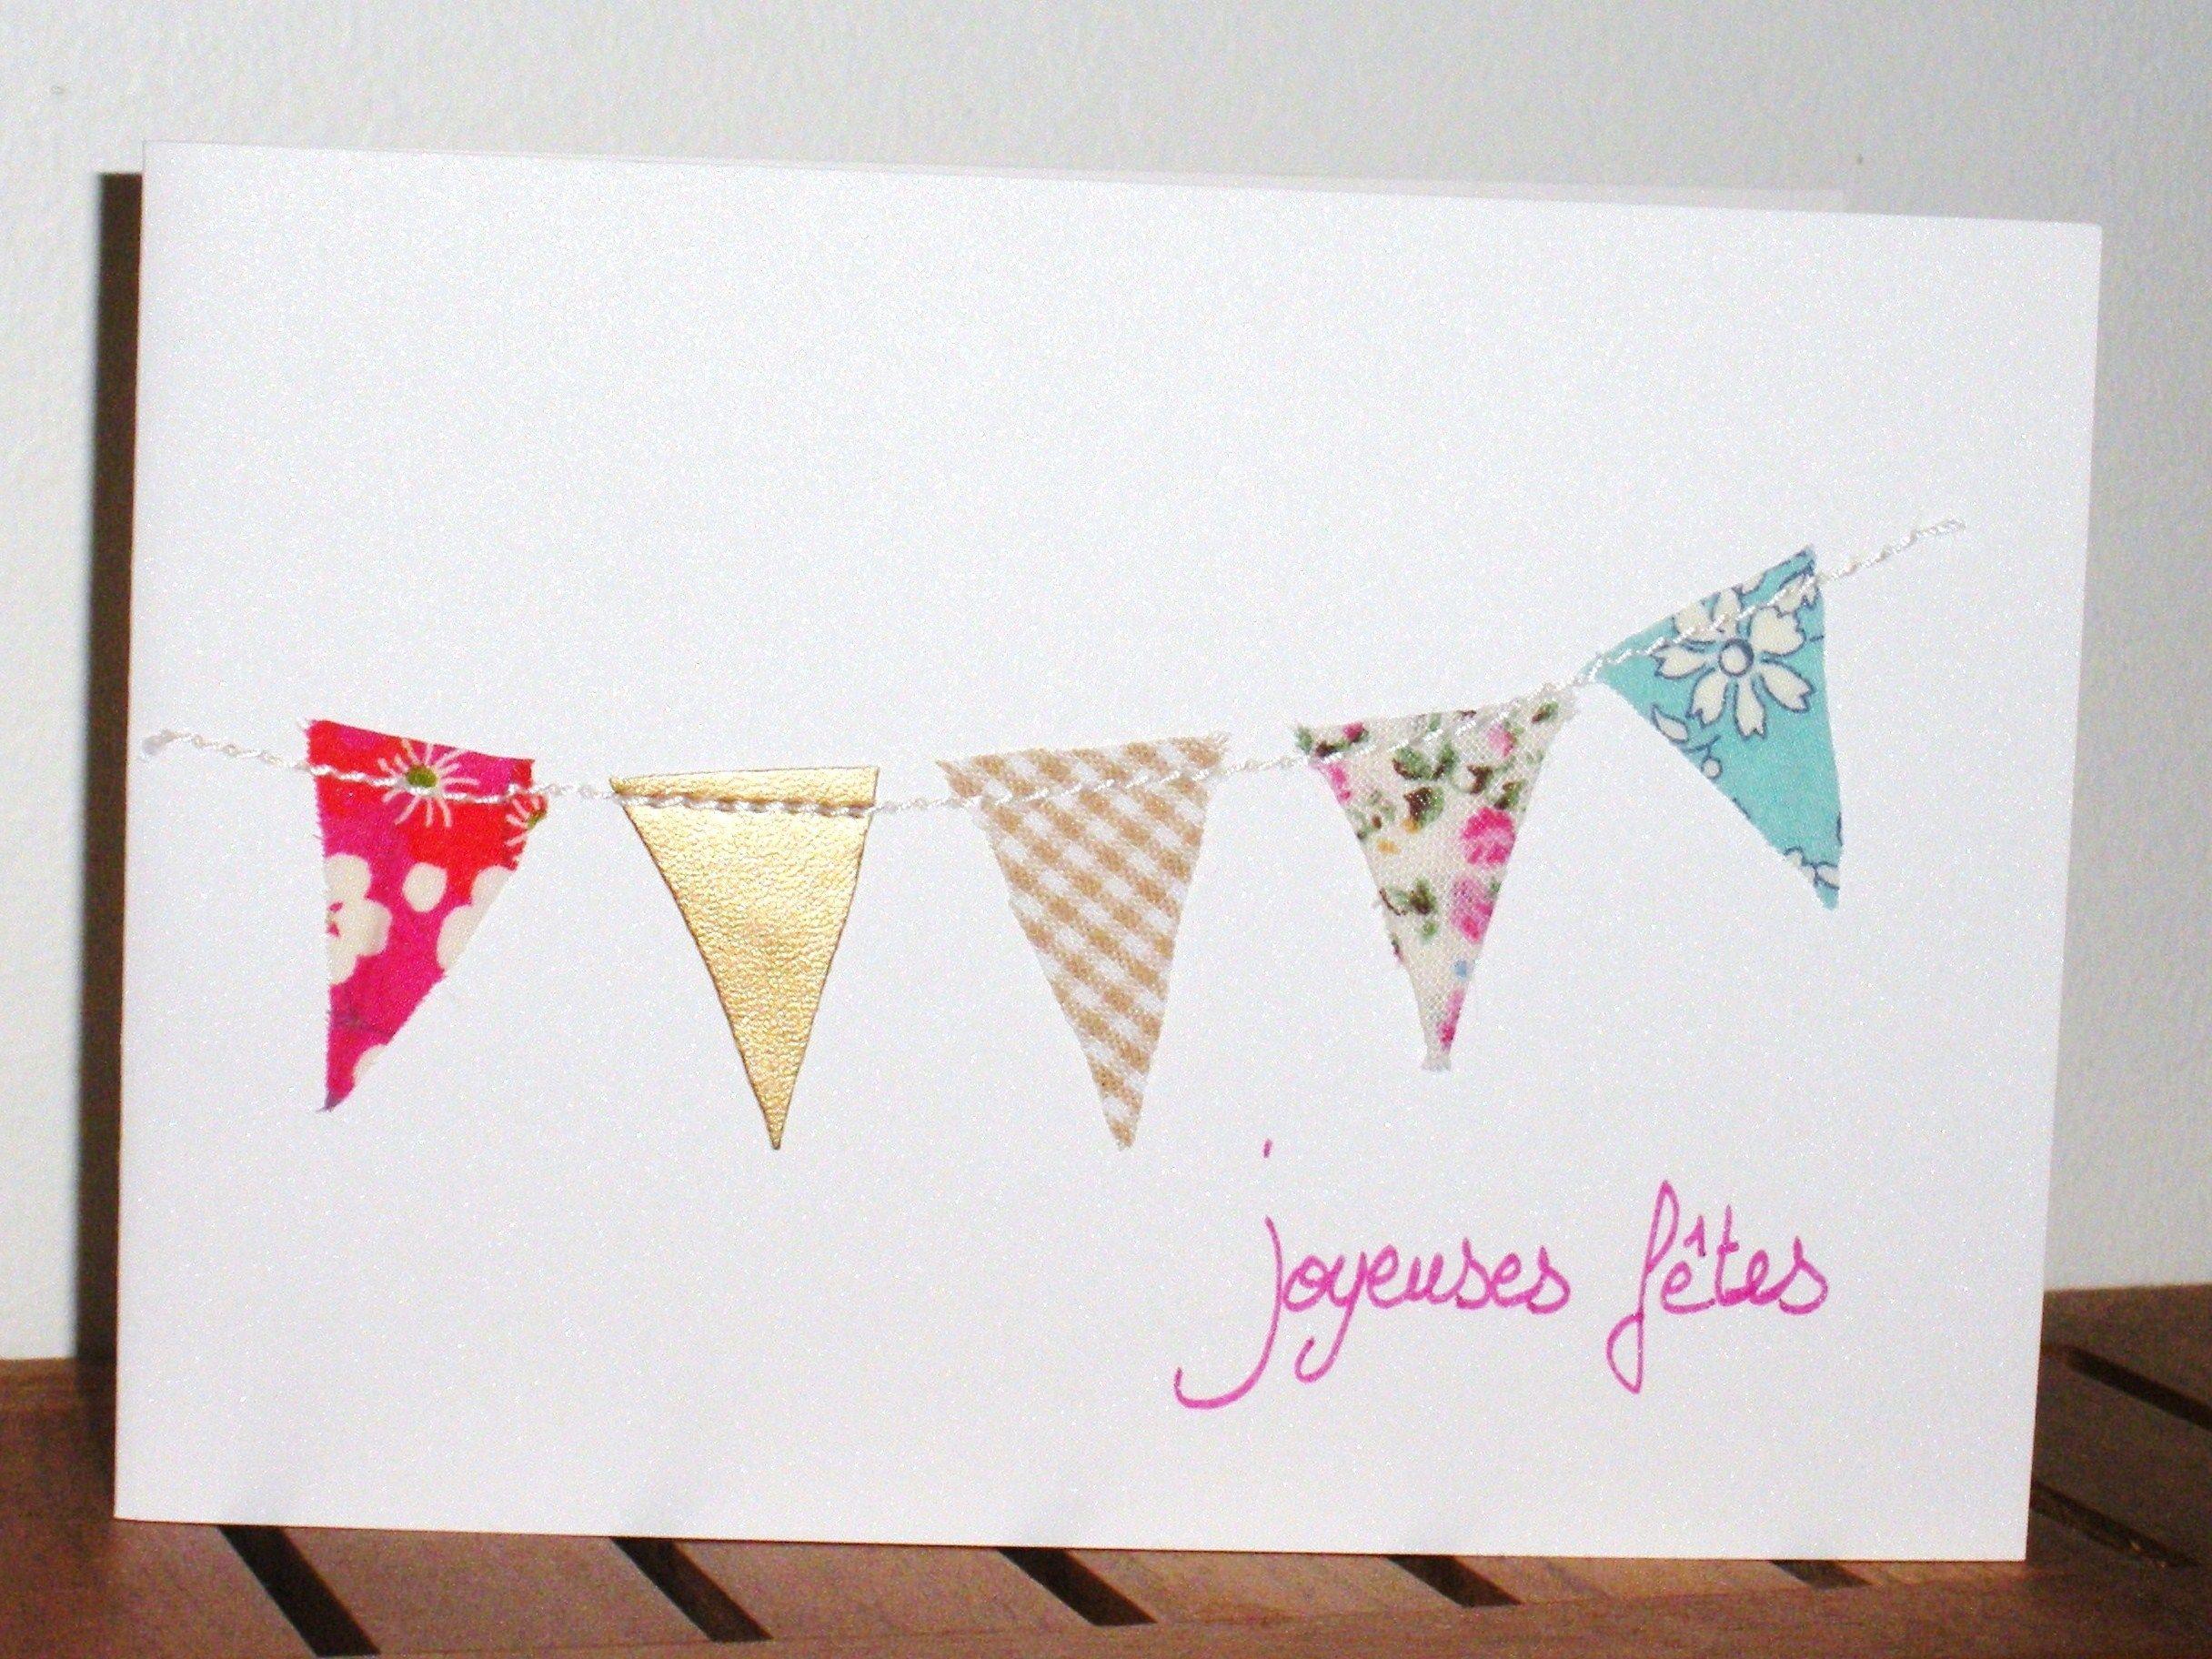 carte de voeux / wish card | gifts | pinterest | carte de voeux